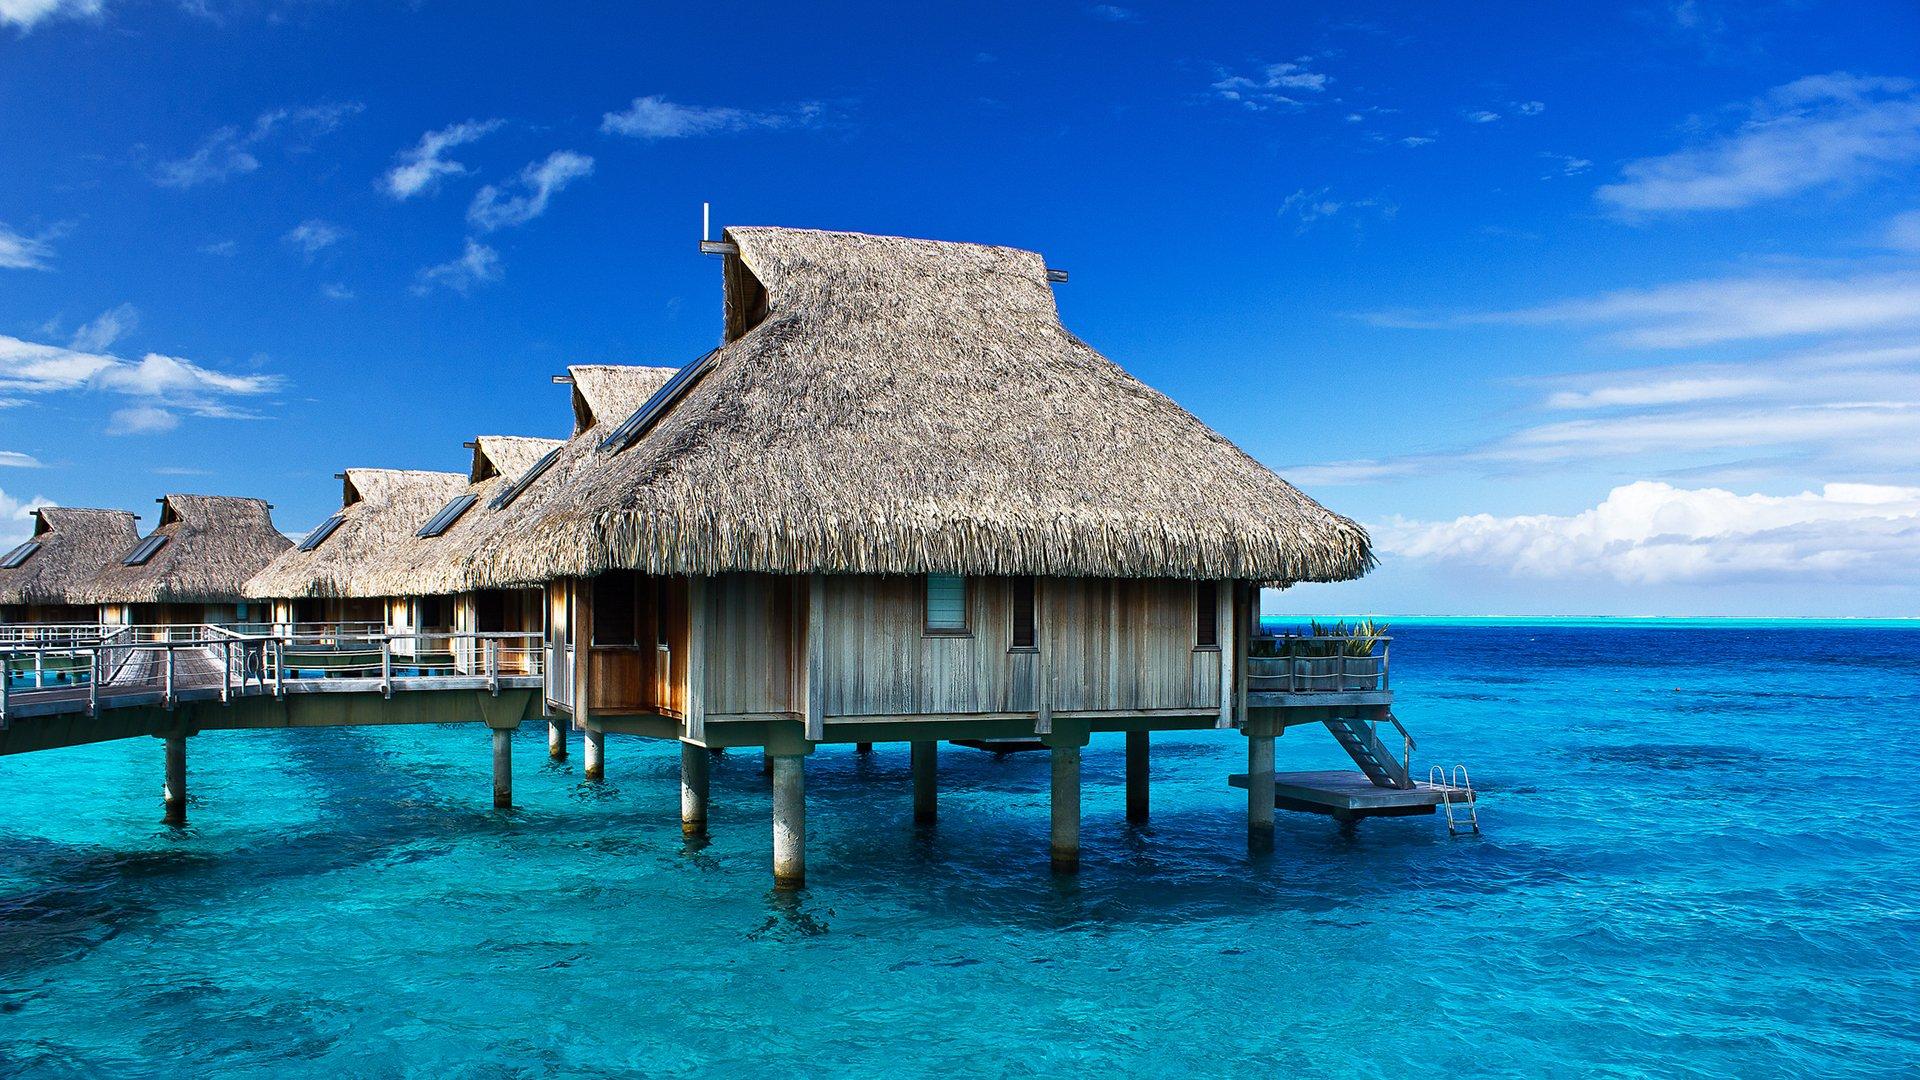 Tropical Hut Resort Ocean wallpaper 1920x1080 248076 WallpaperUP 1920x1080